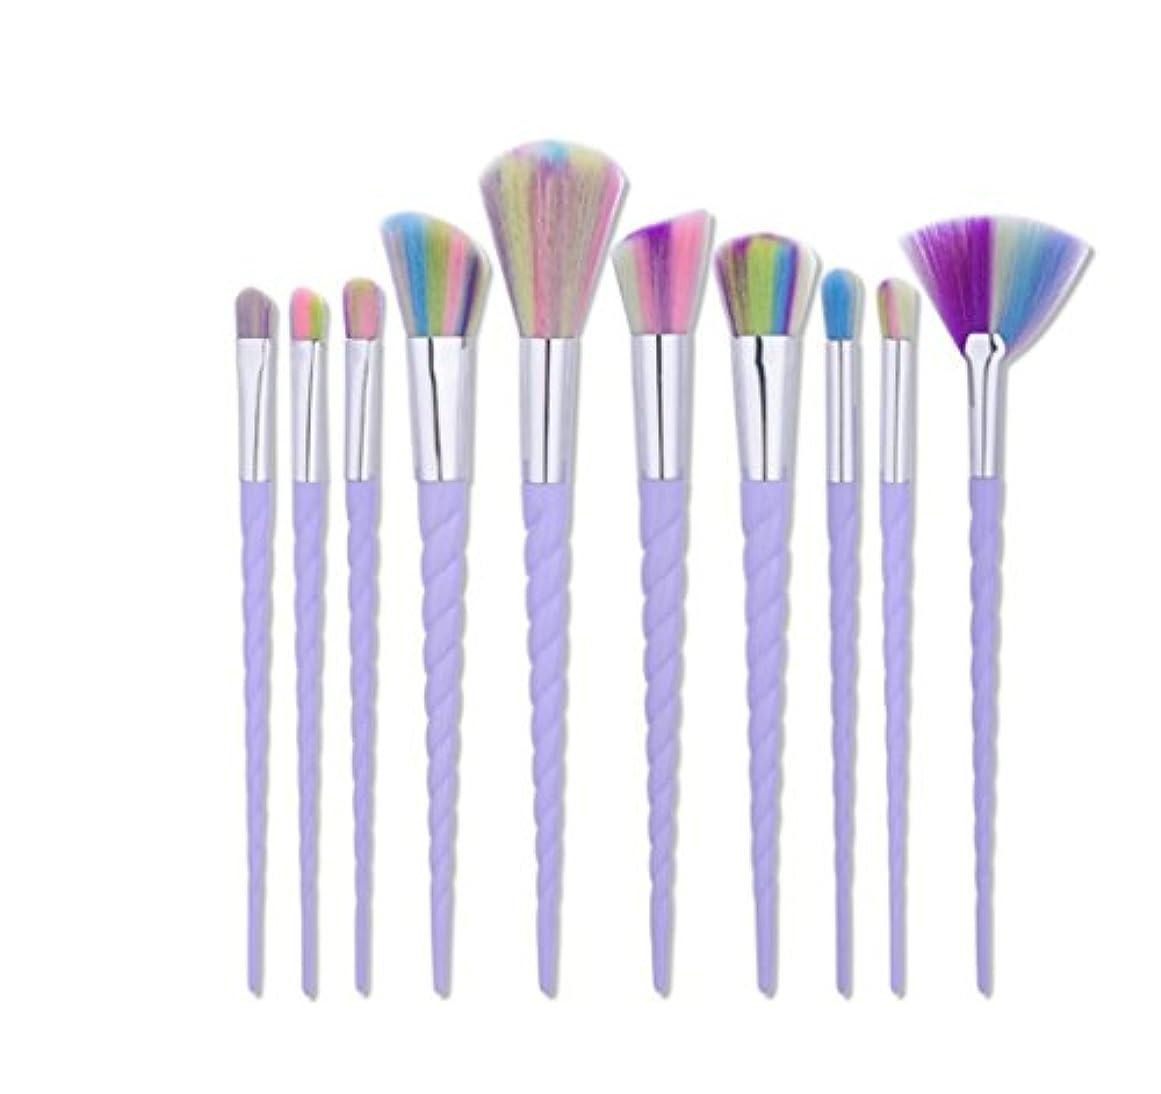 彼ら厚くするバイアスDilla Beauty 10本セットユニコーンデザインプラスチックハンドル形状メイクブラシセット合成毛ファンデーションブラシアイシャドーブラッシャー美容ツール (ホワイト-4)